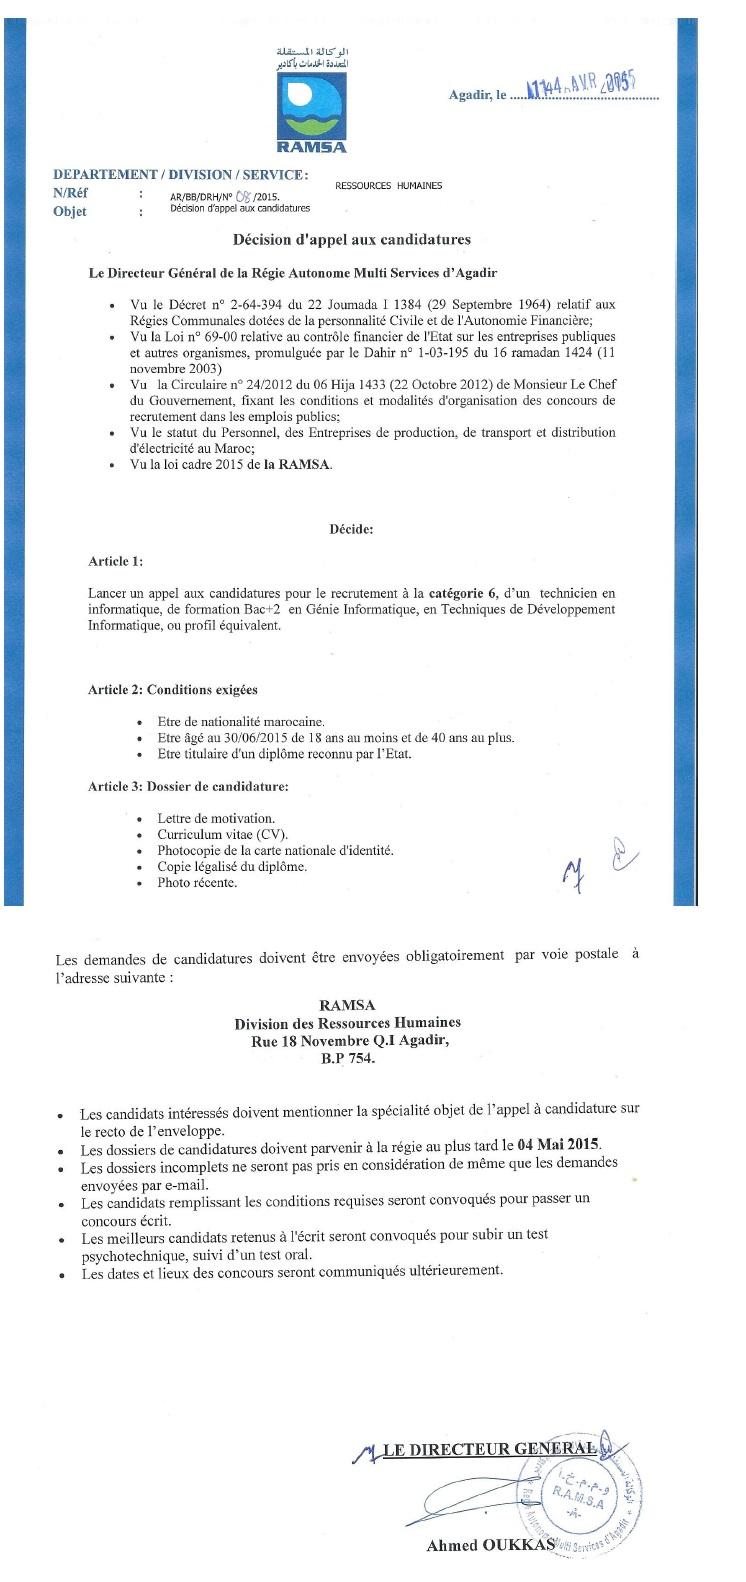 الوكالة المستقلة المتعددة الخدمات بأكادير : مباراة لتوظيف تقني (10 مناصب) آخر أجل لإيداع الترشيحات 4 ماي 2015 Concou56